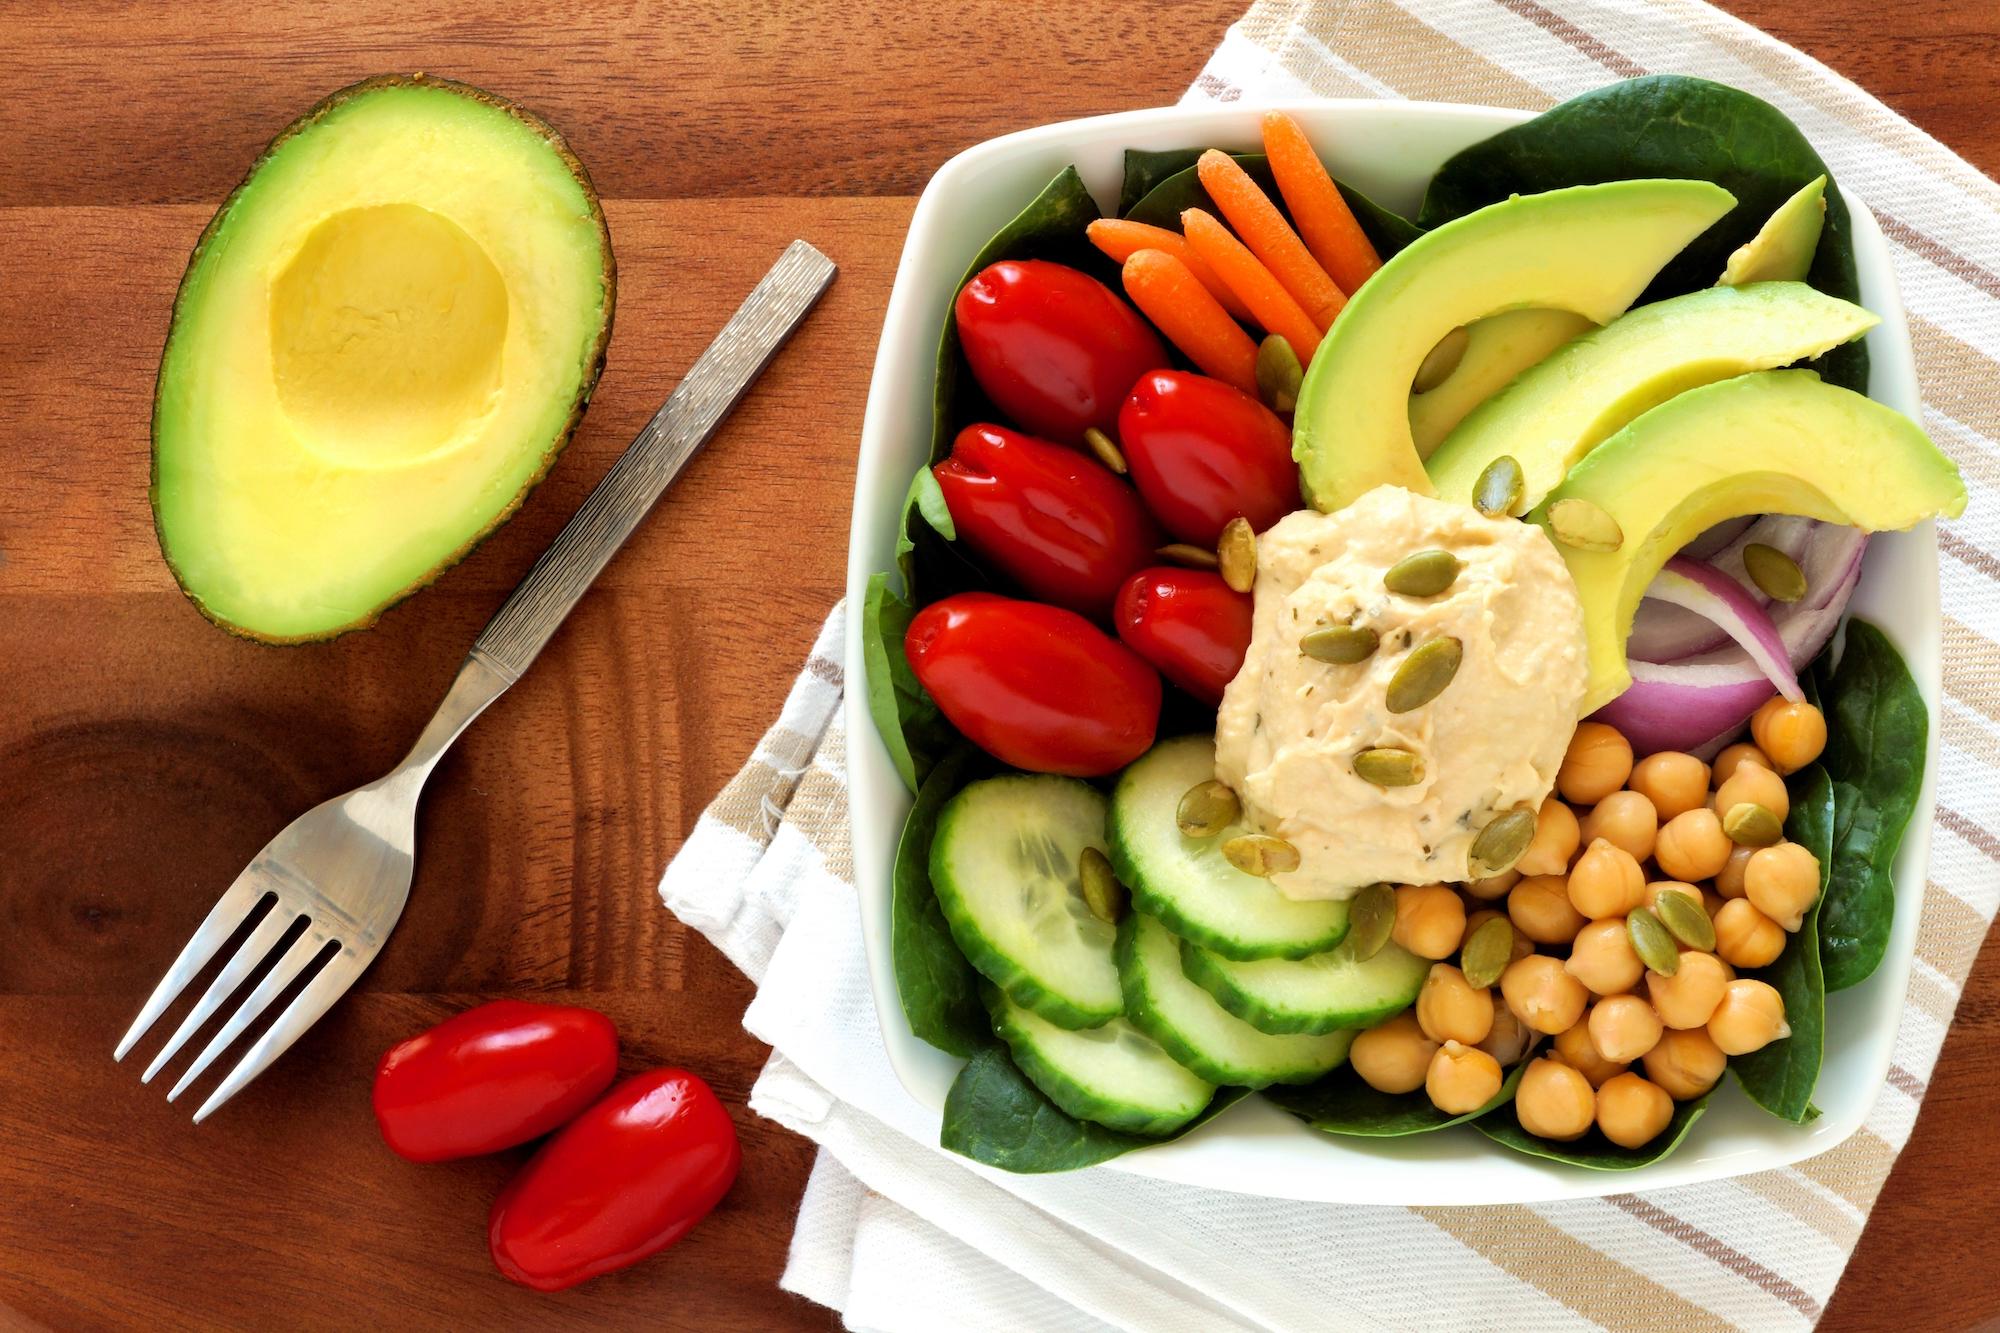 Zdravý oběd dle principů Metabolic balance: avocado, cizrnový hunnusa čersvá zelenina